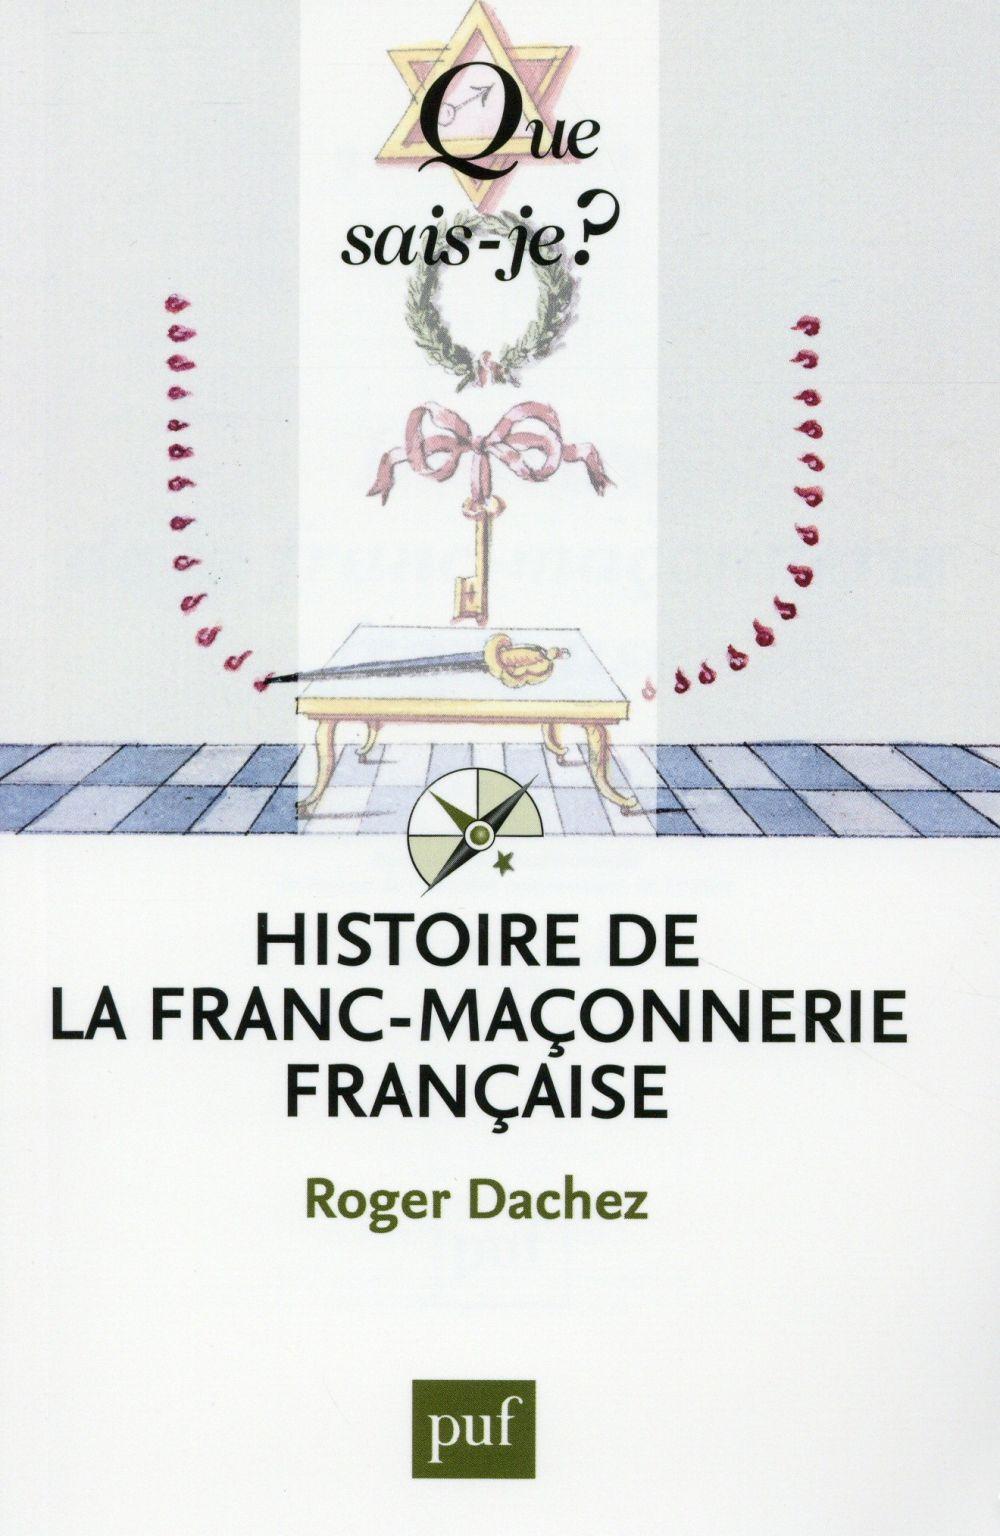 Histoire de la franc-maçonnerie francaise (6e édition)